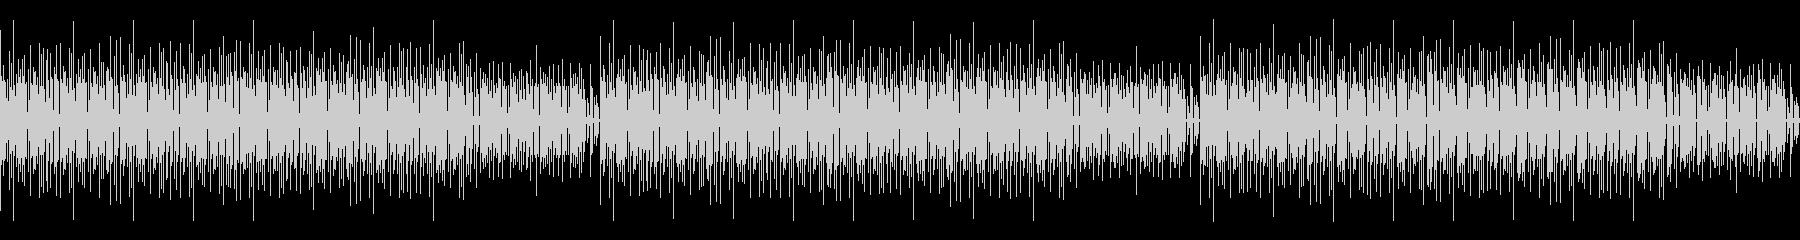 ポップで爽やかな木琴BGMの未再生の波形